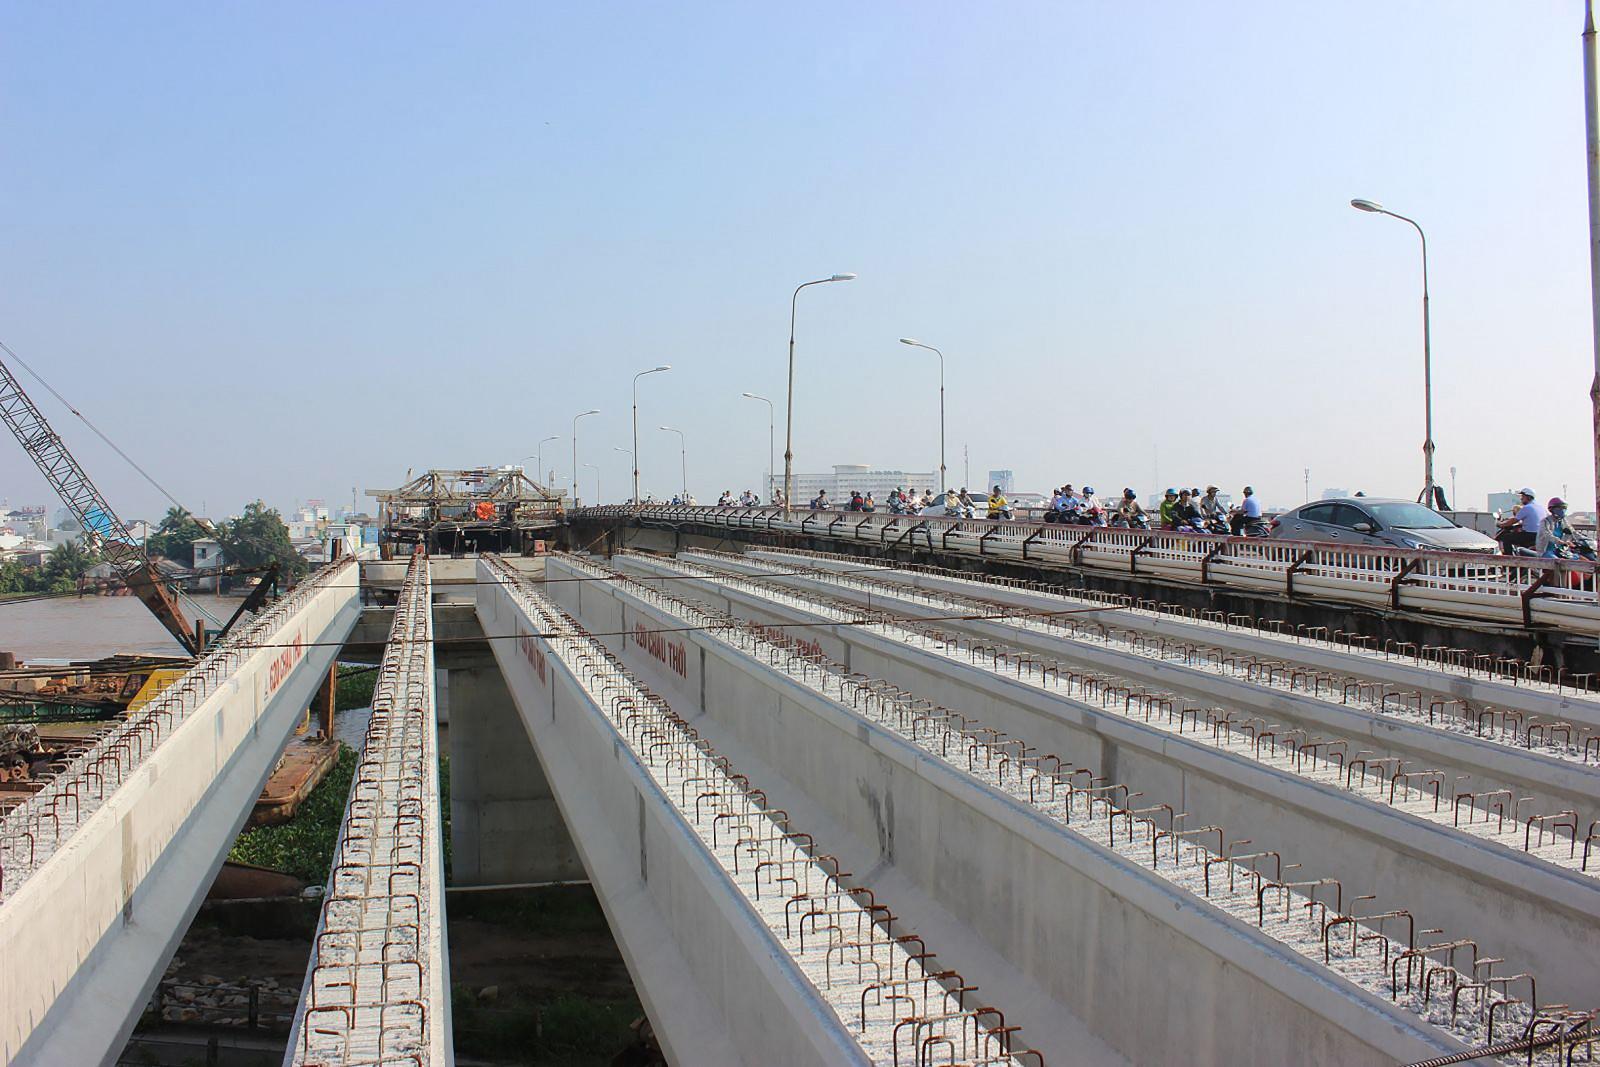 Công trình cầu Quang Trung đến nay tiến độ đã đạt 55% khối lượng, theo kế hoạch đến ngày 30-6-2020 hoàn thành.